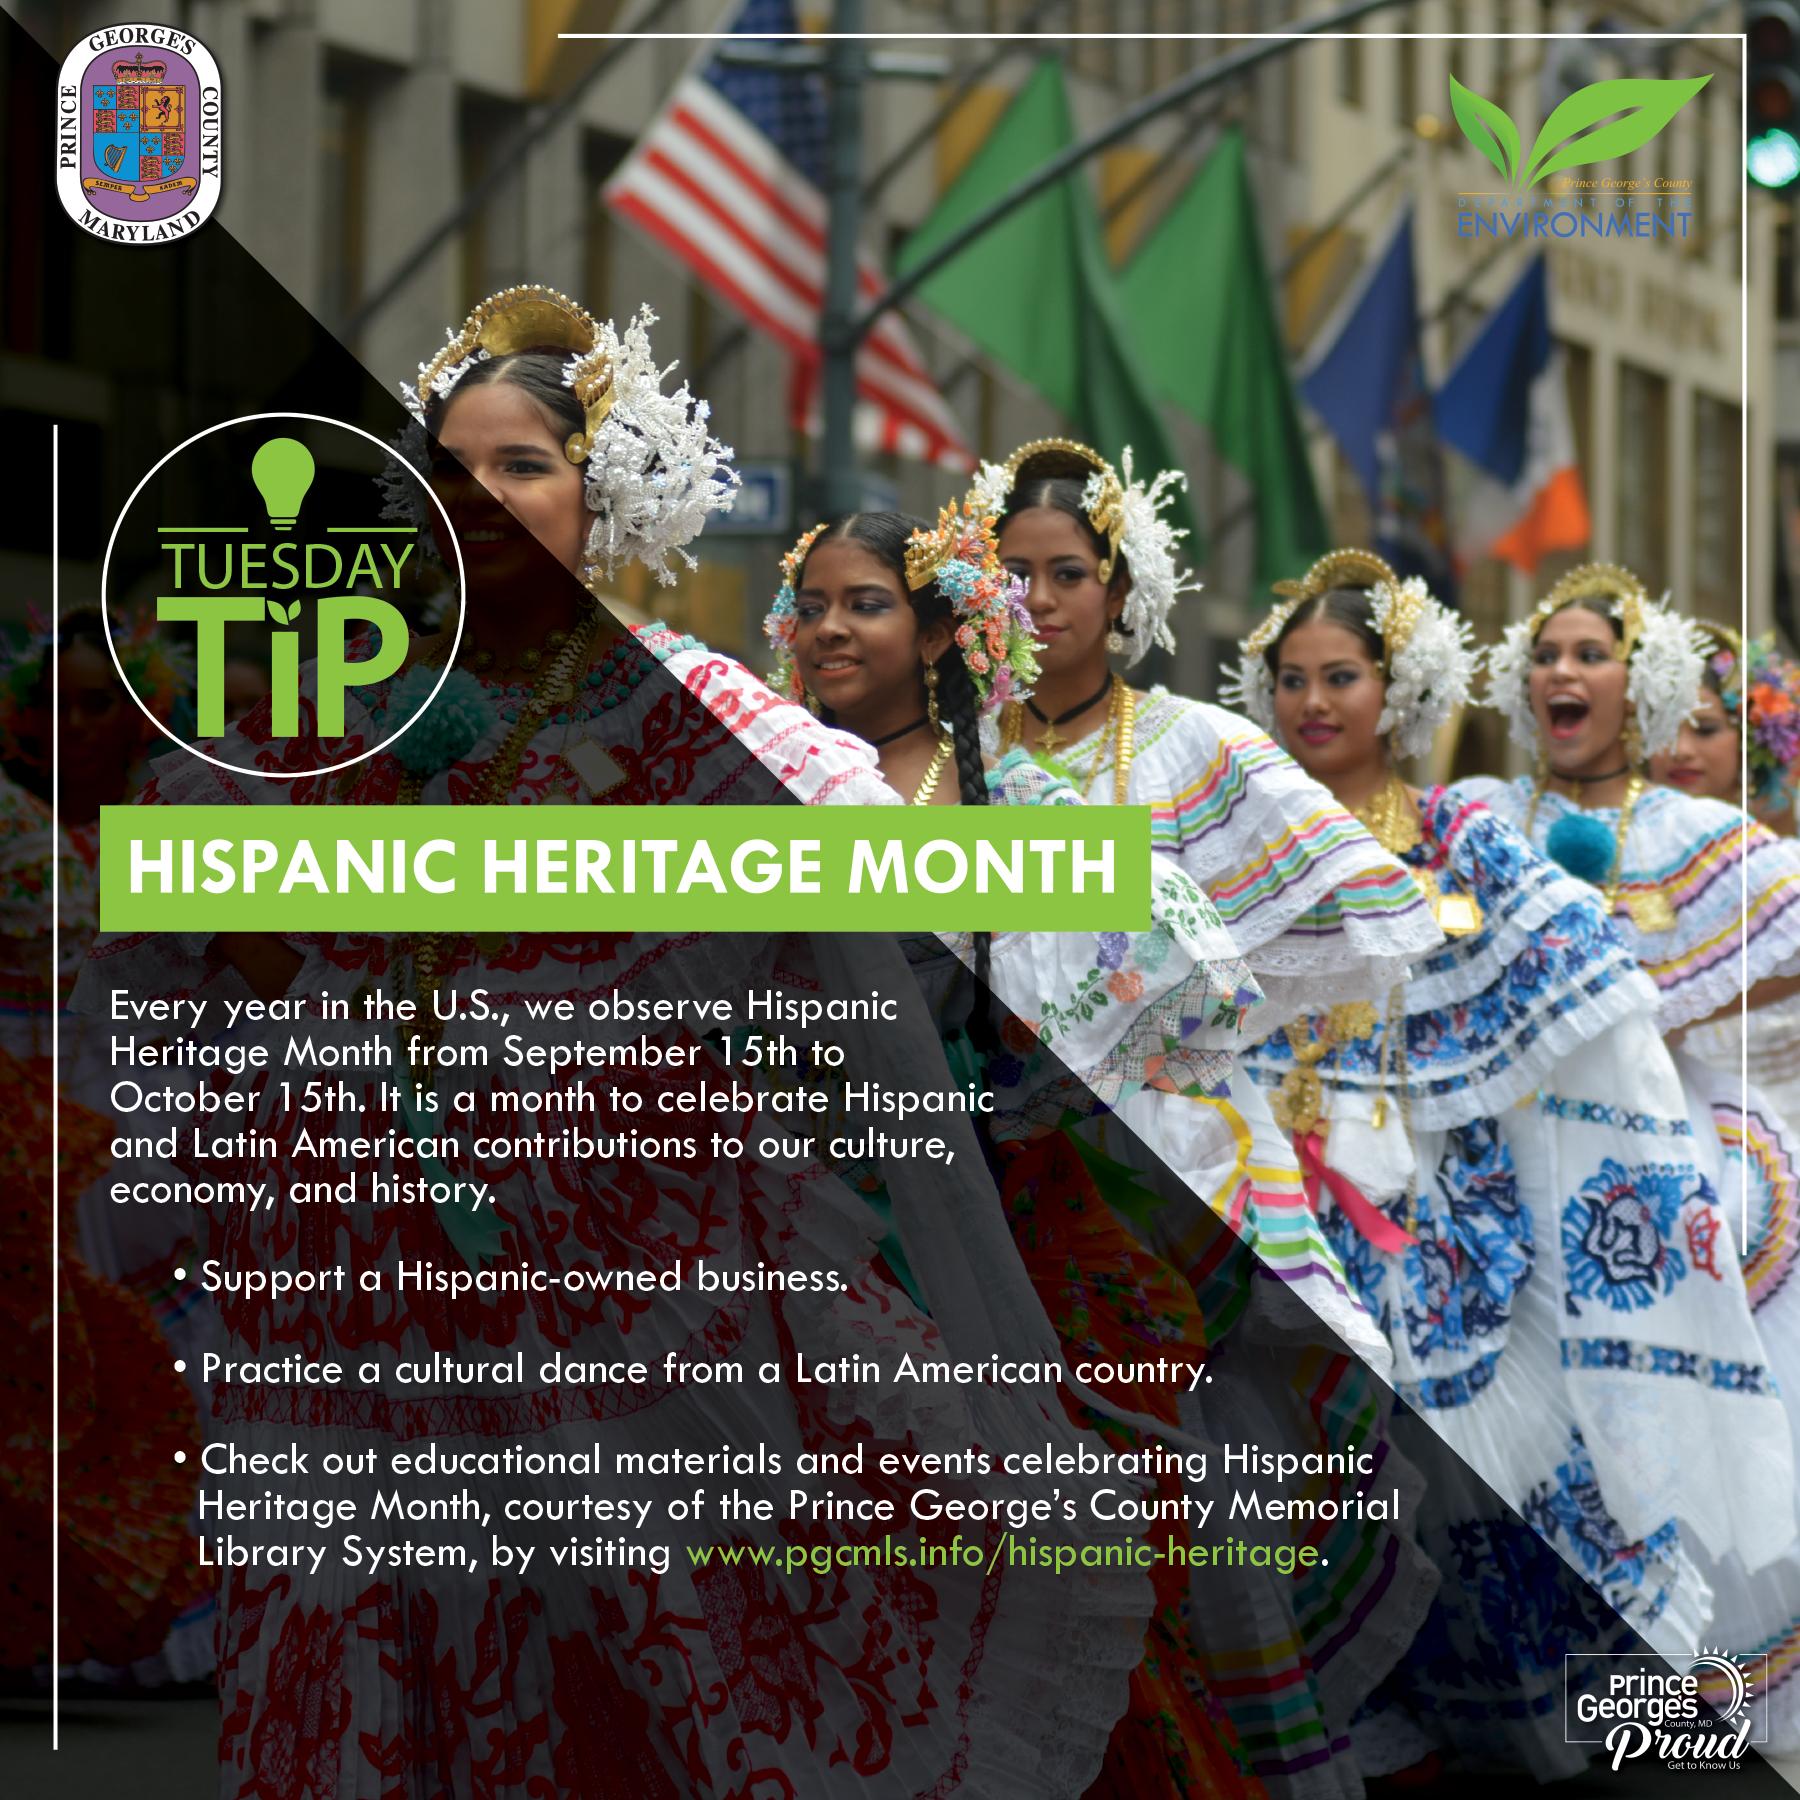 Tues Tip 9.21.21 Hispanic month eng